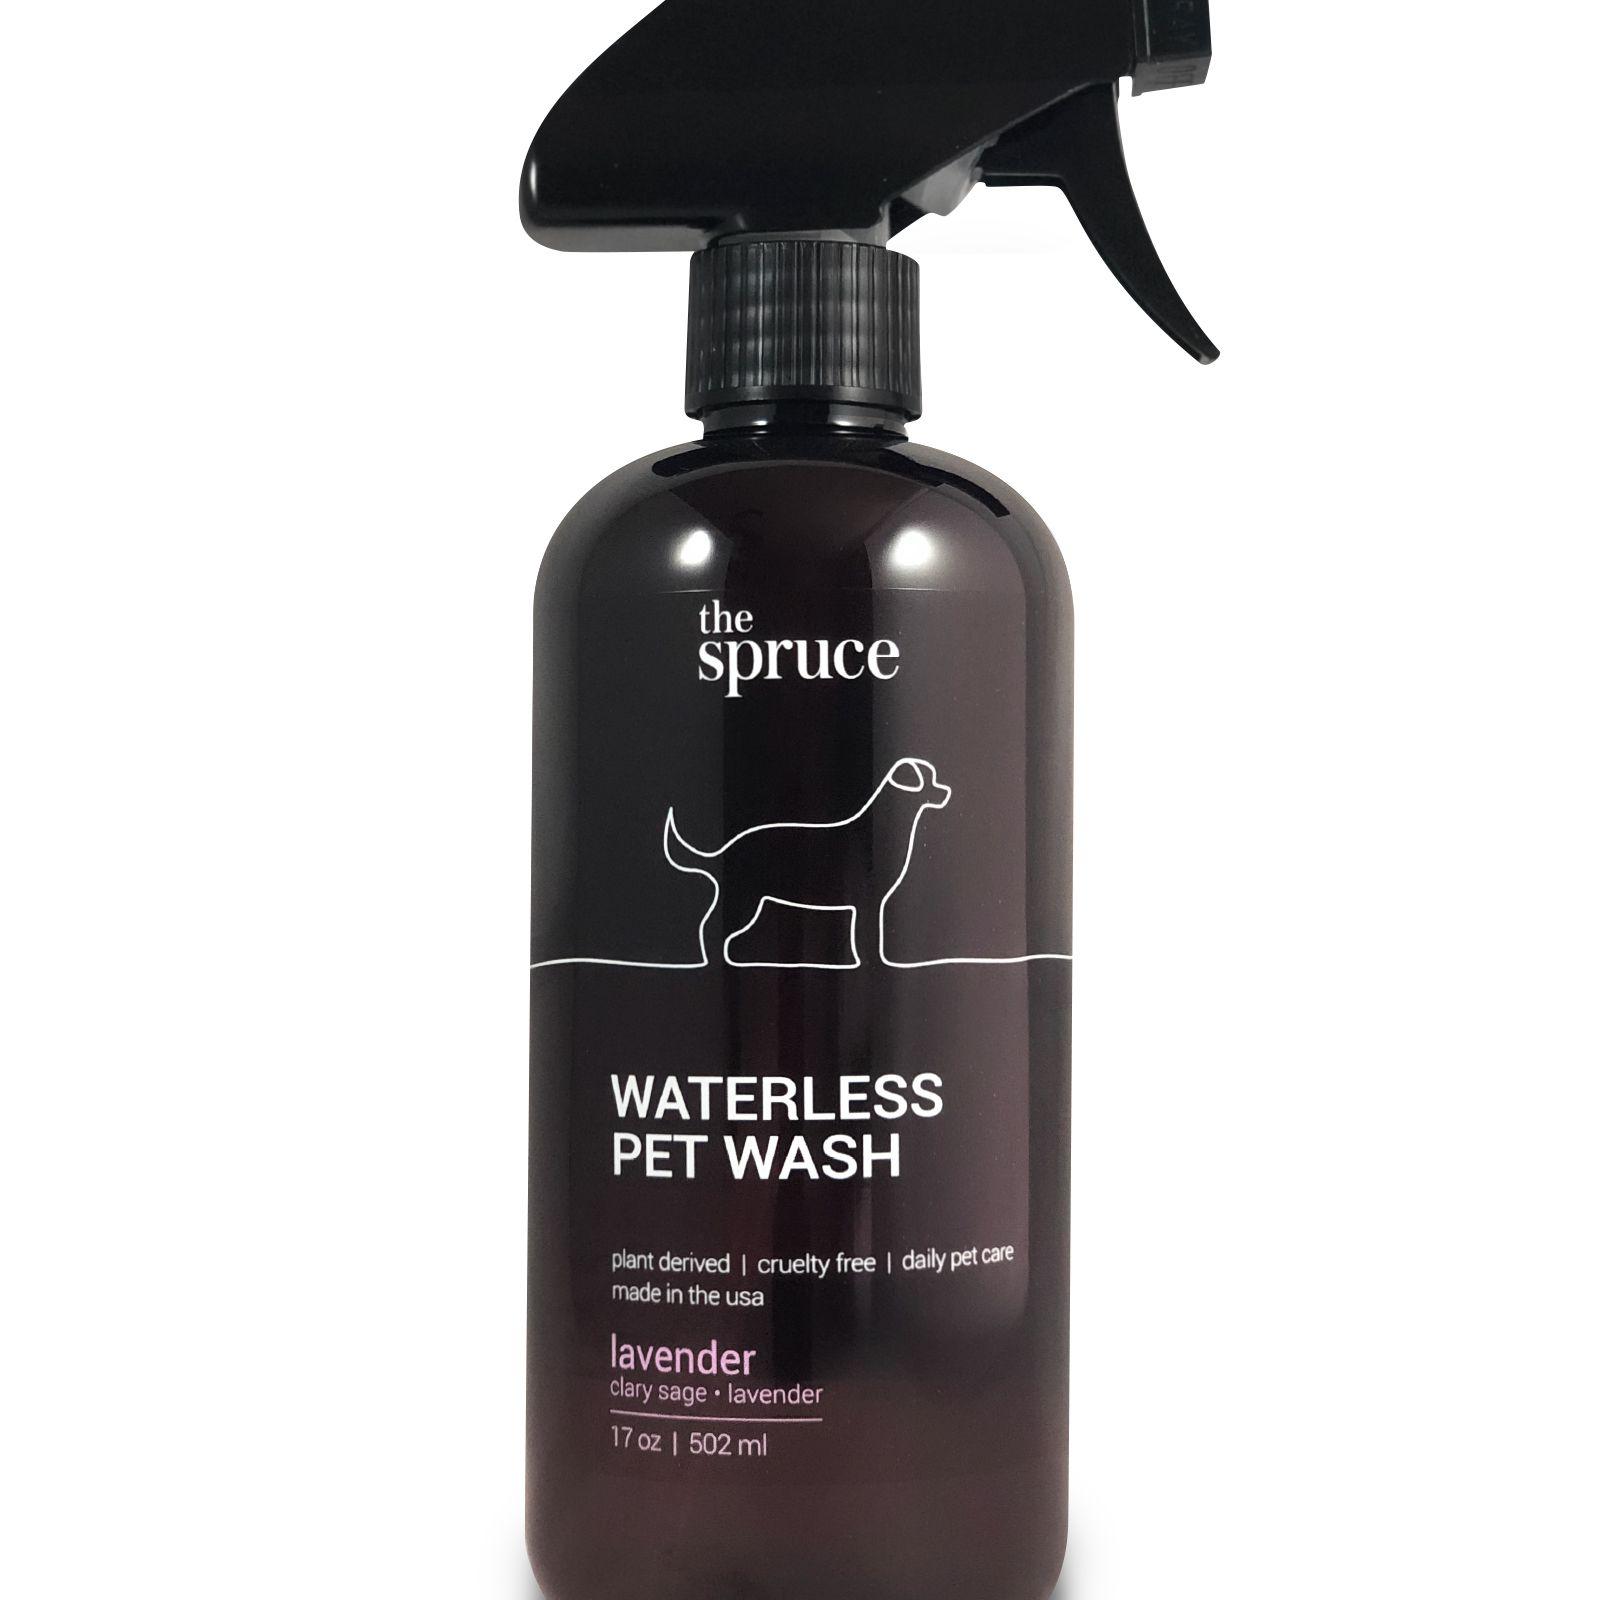 Waterless pet wash in Lavender